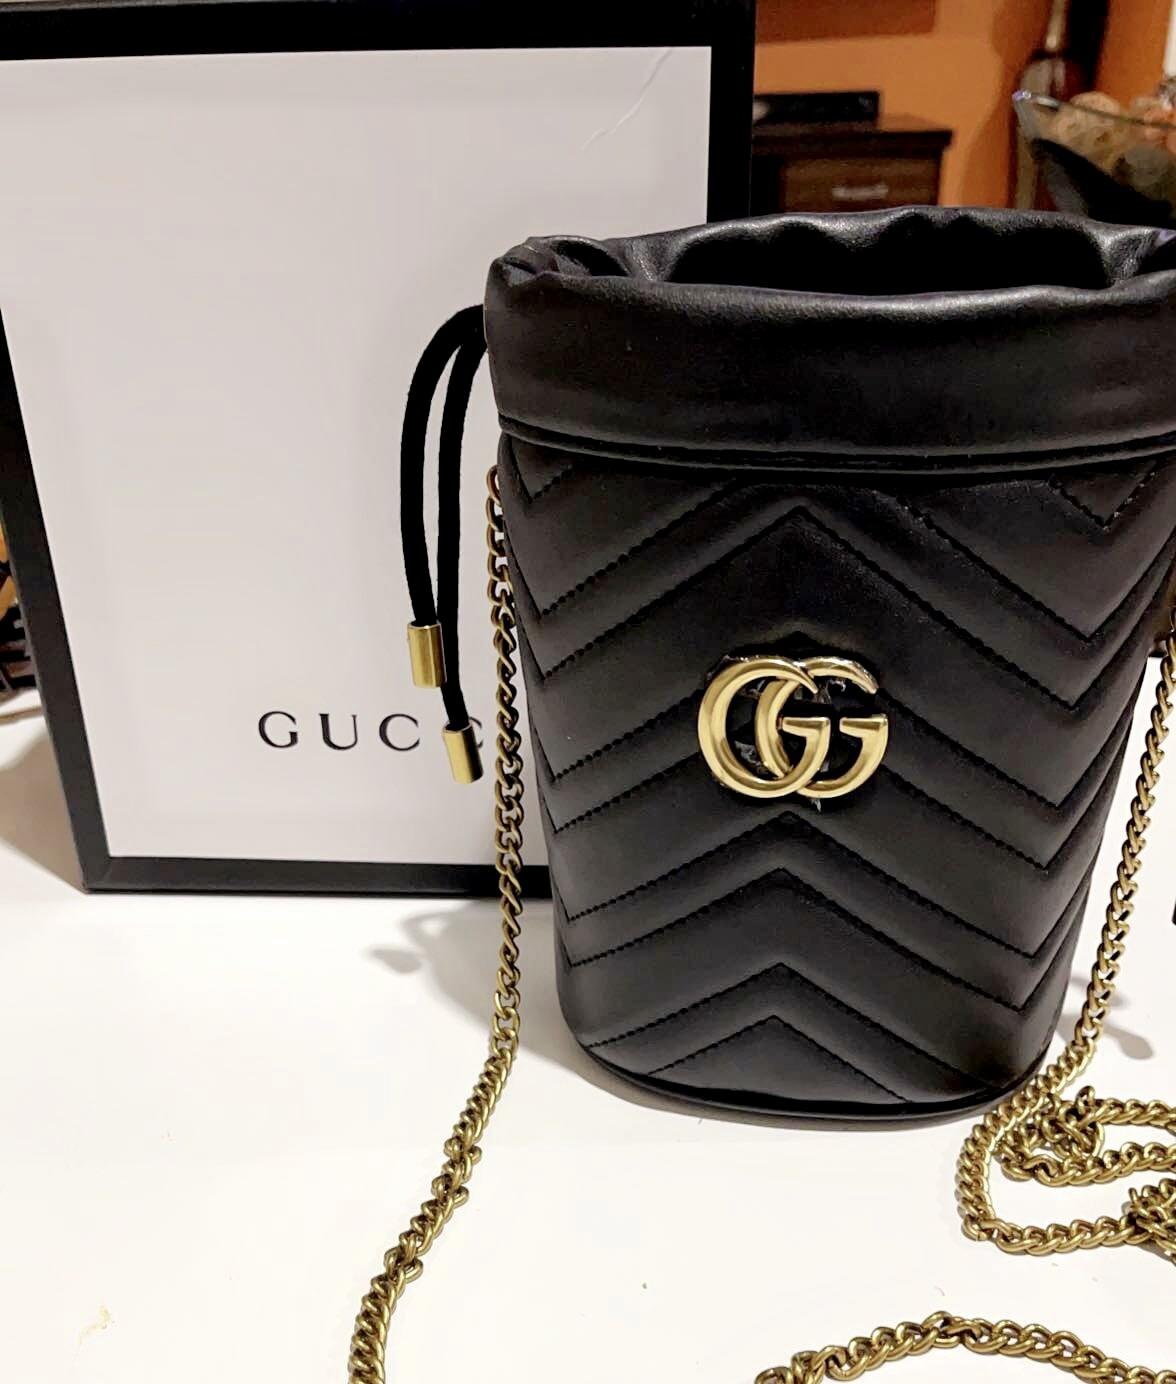 Gucci me please